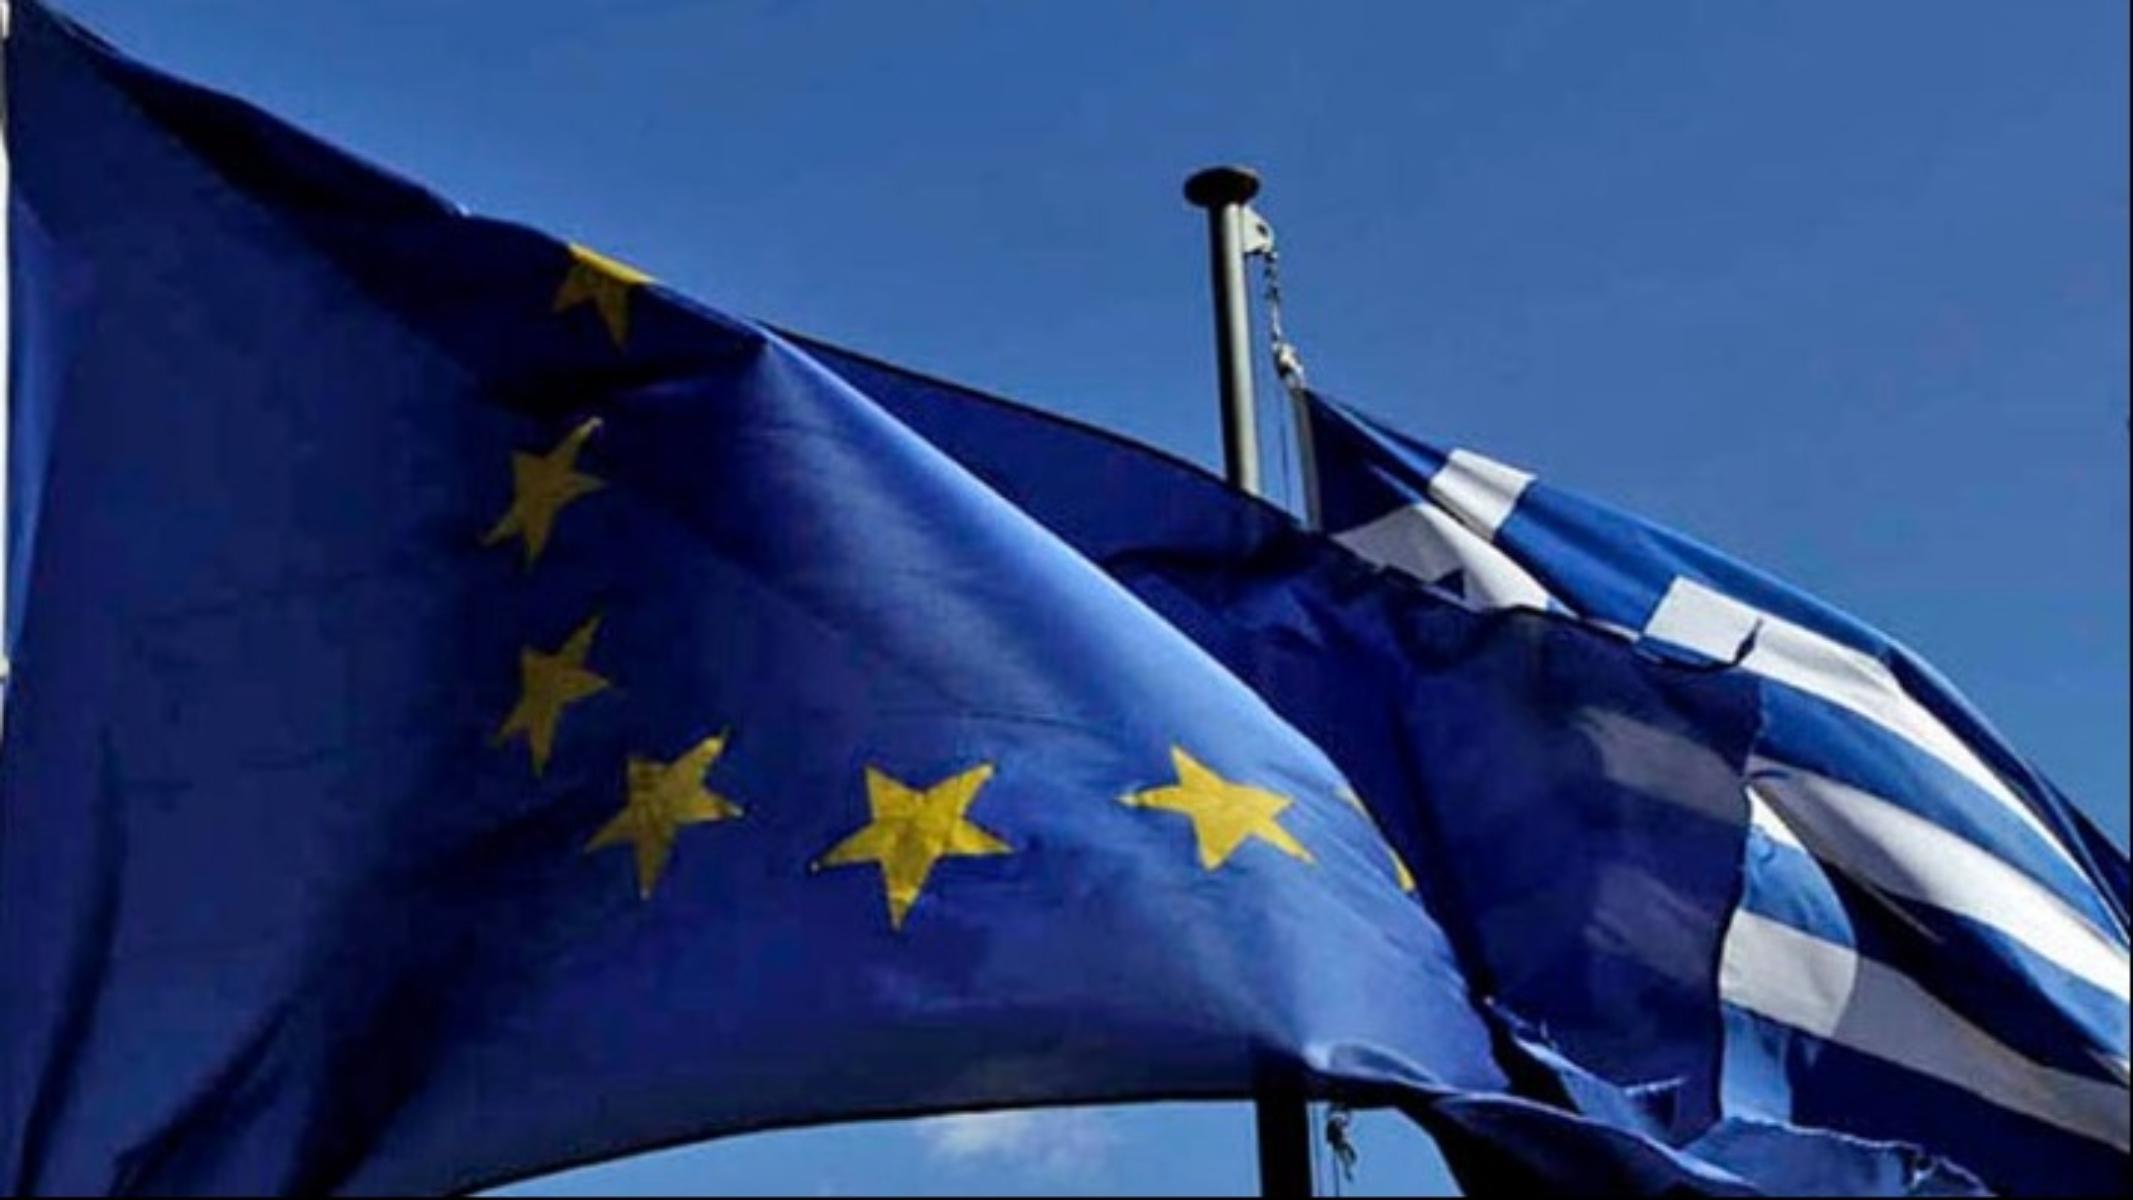 42 χρόνια πριν όταν η Ελλάδα προσχώρησε στην ΕΟΚ | Ειδησεις | Pagenews.gr